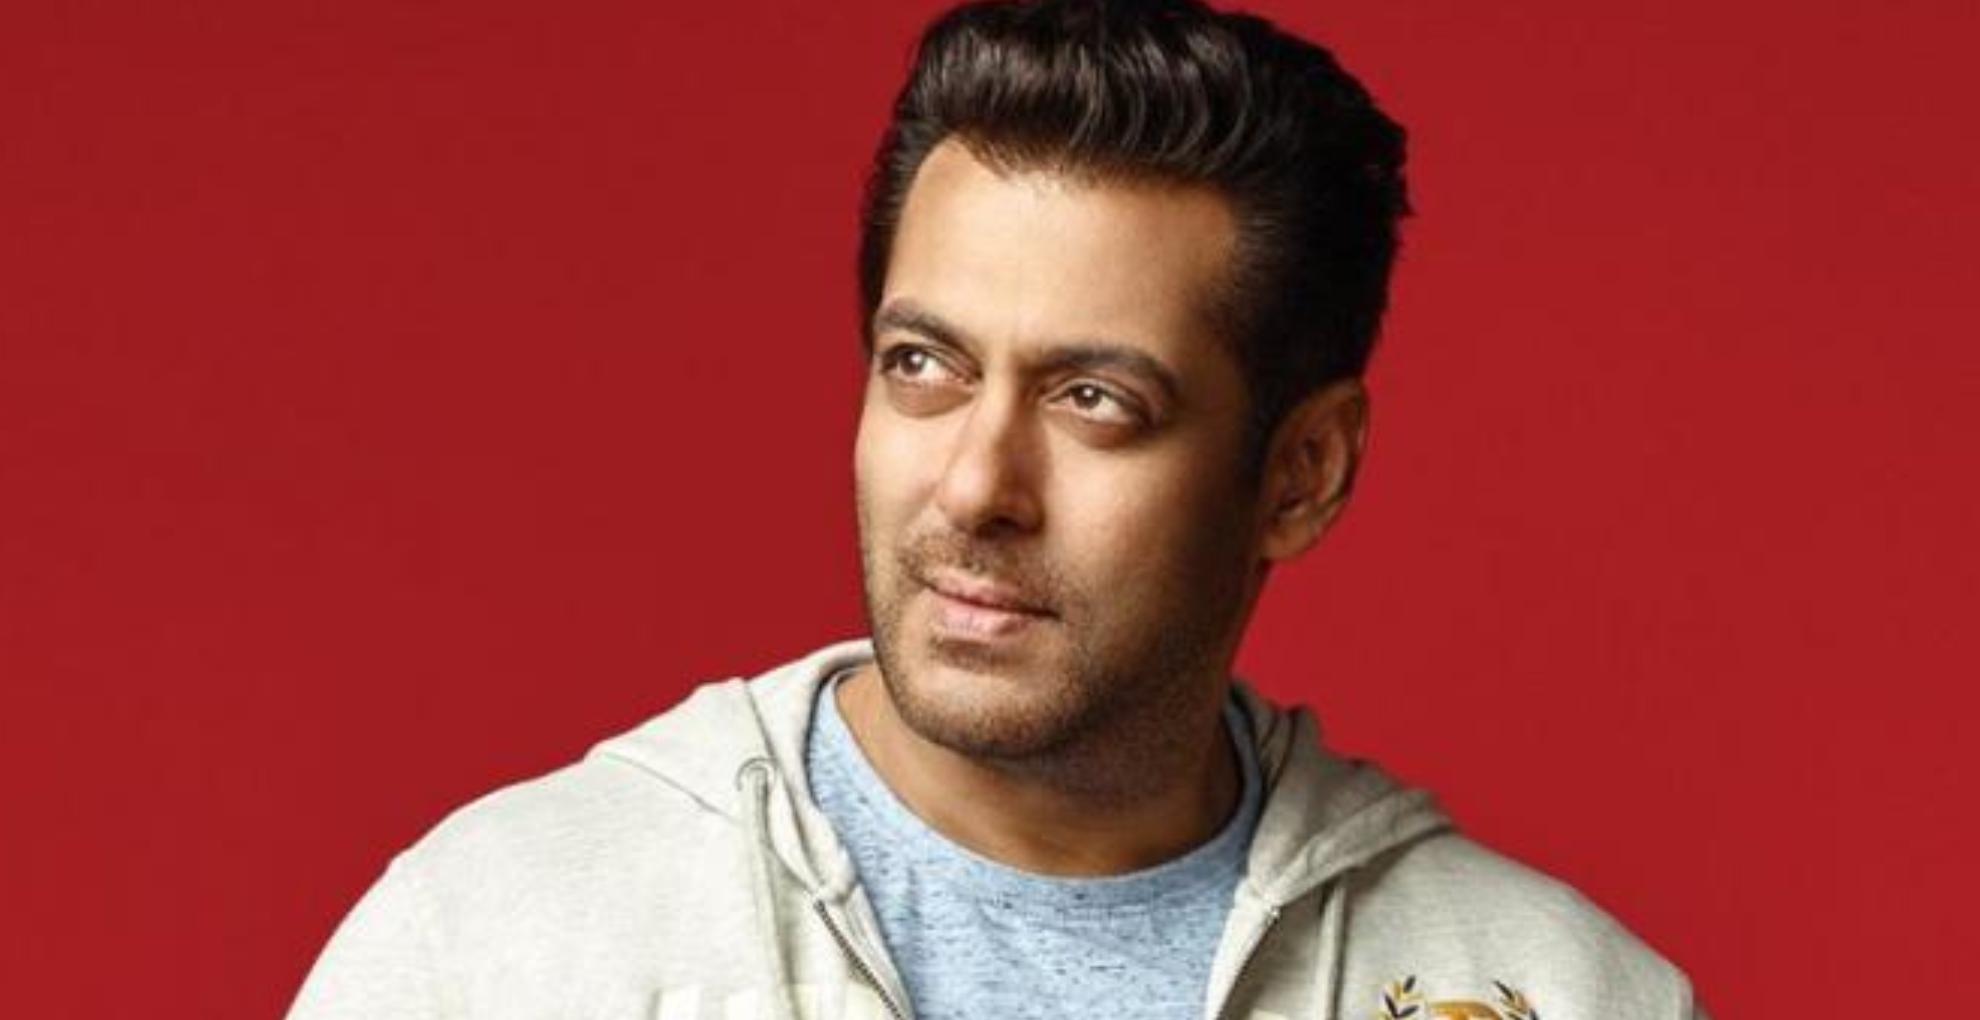 सलमान खान की किक 2 नहीं, ये फिल्म अगले साल ईद के मौके पर सिनेमाघरों में देगी दस्तक